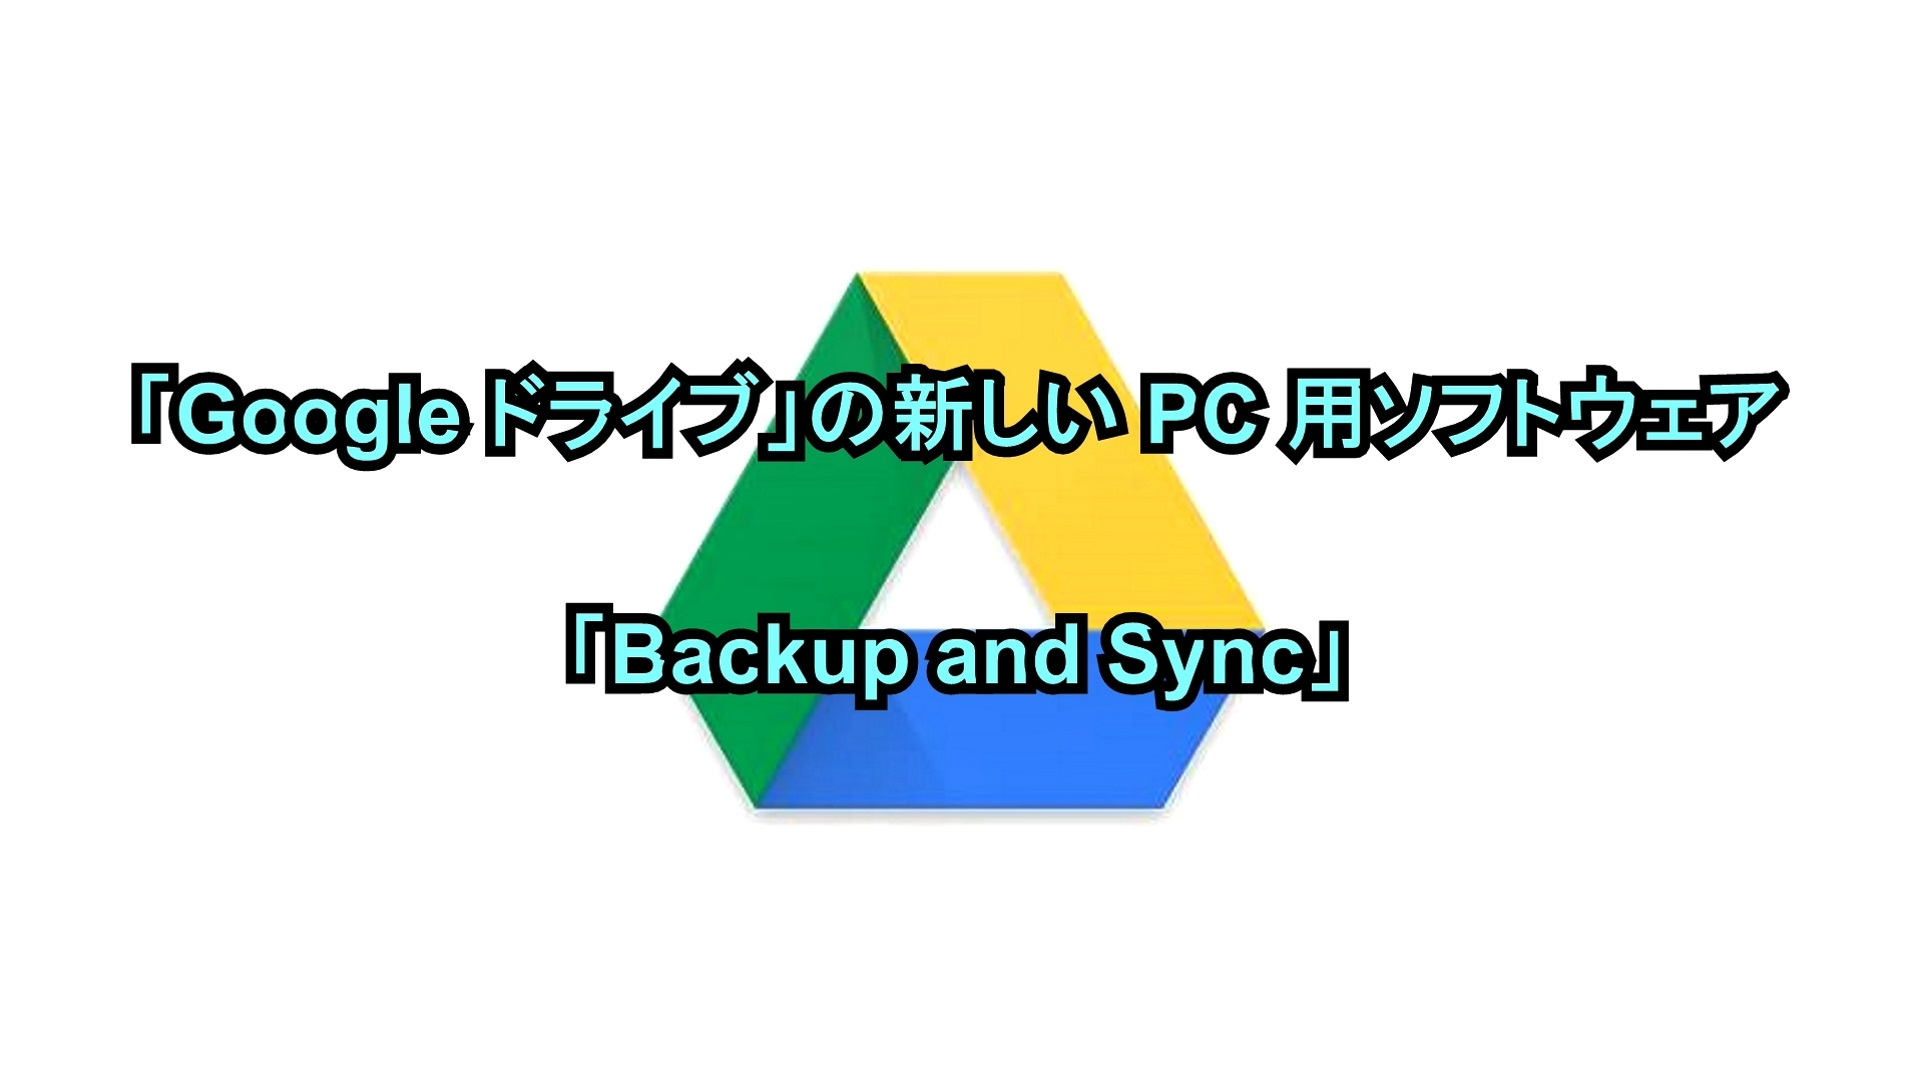 「Google ドライブ」の新しいPC用ソフトウェア「Backup and Sync」